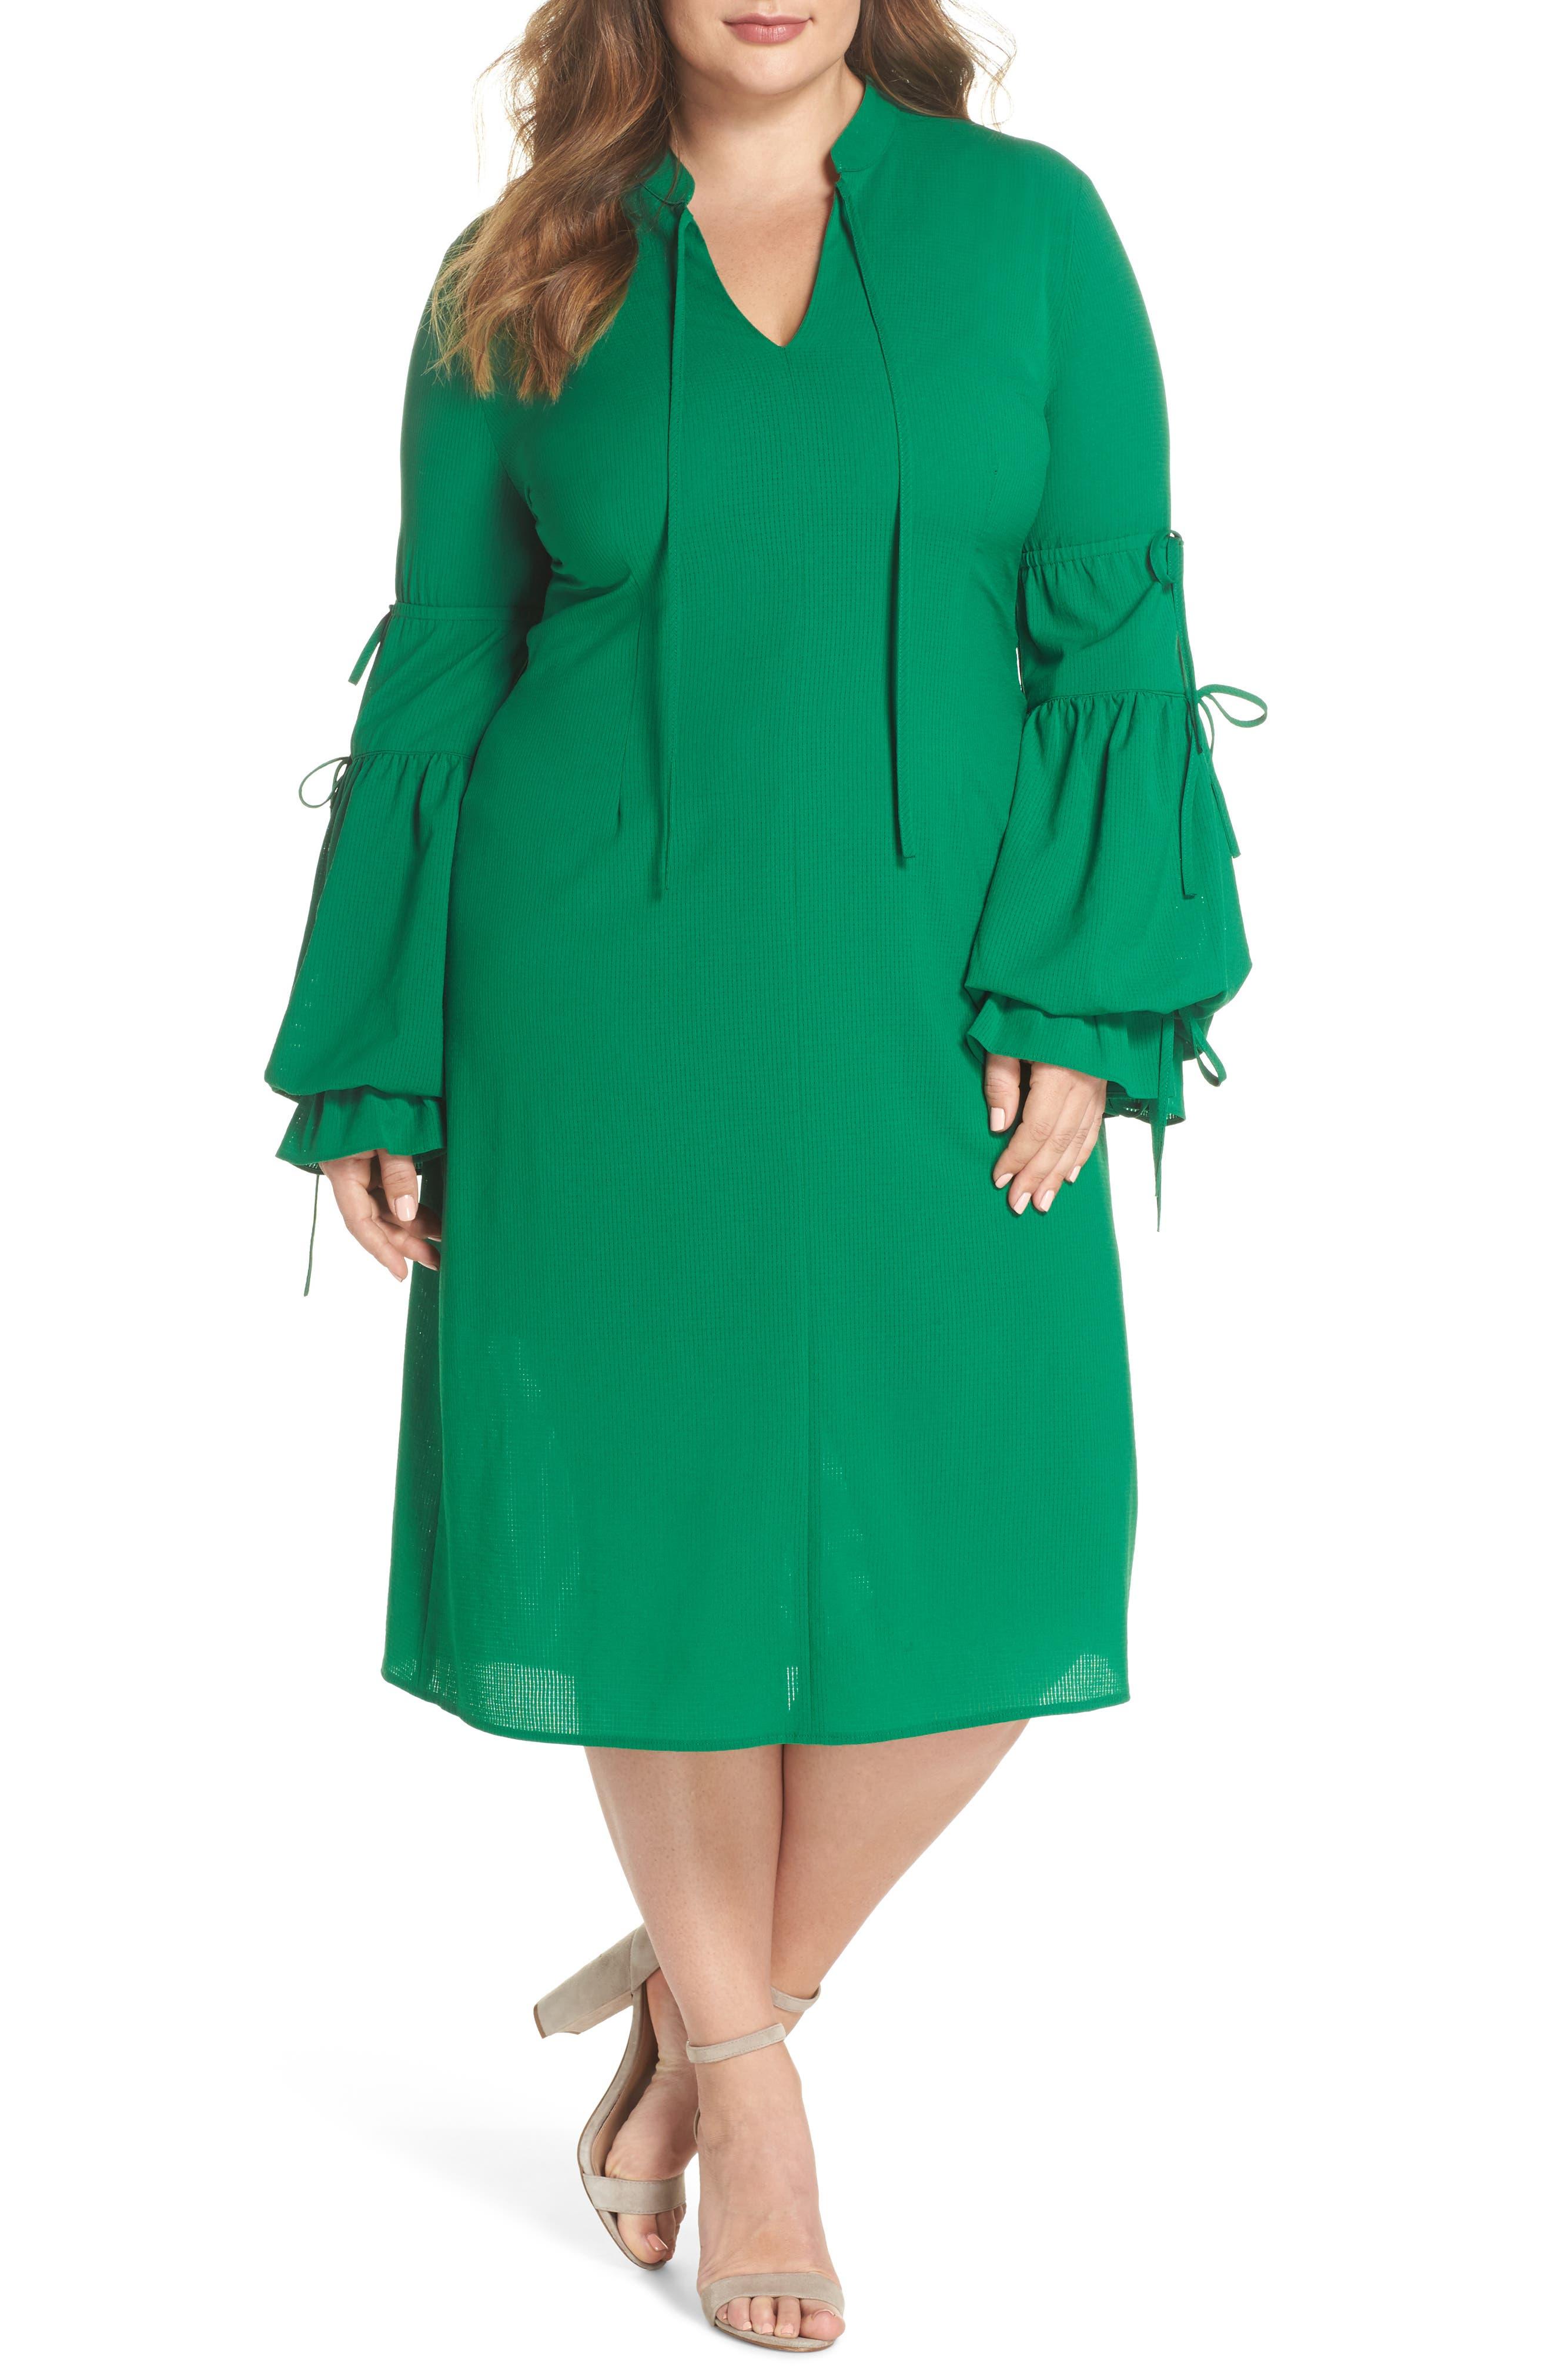 Leiko Antoinette Puff Sleeve Tea Dress,                             Main thumbnail 1, color,                             300